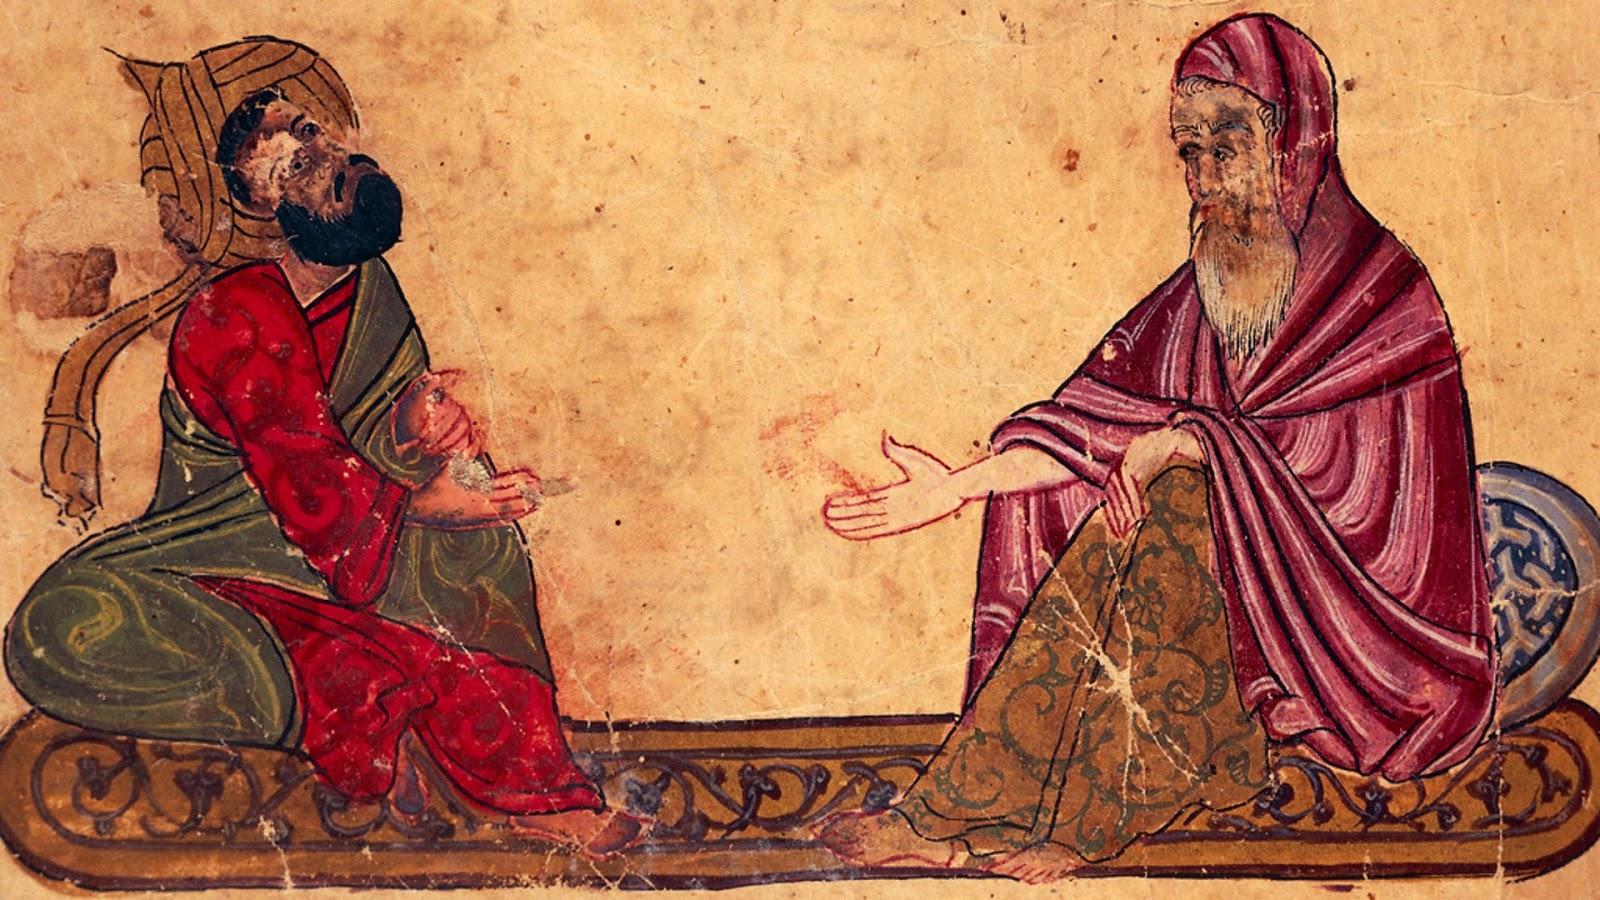 kindi-ibn-heysem-nasiruddin-tusi-metinler-bilim-tarihi-yunan-felsefesi Erdemlerin Sürekliliği Anlamında Nefis Sağlığının Korunması